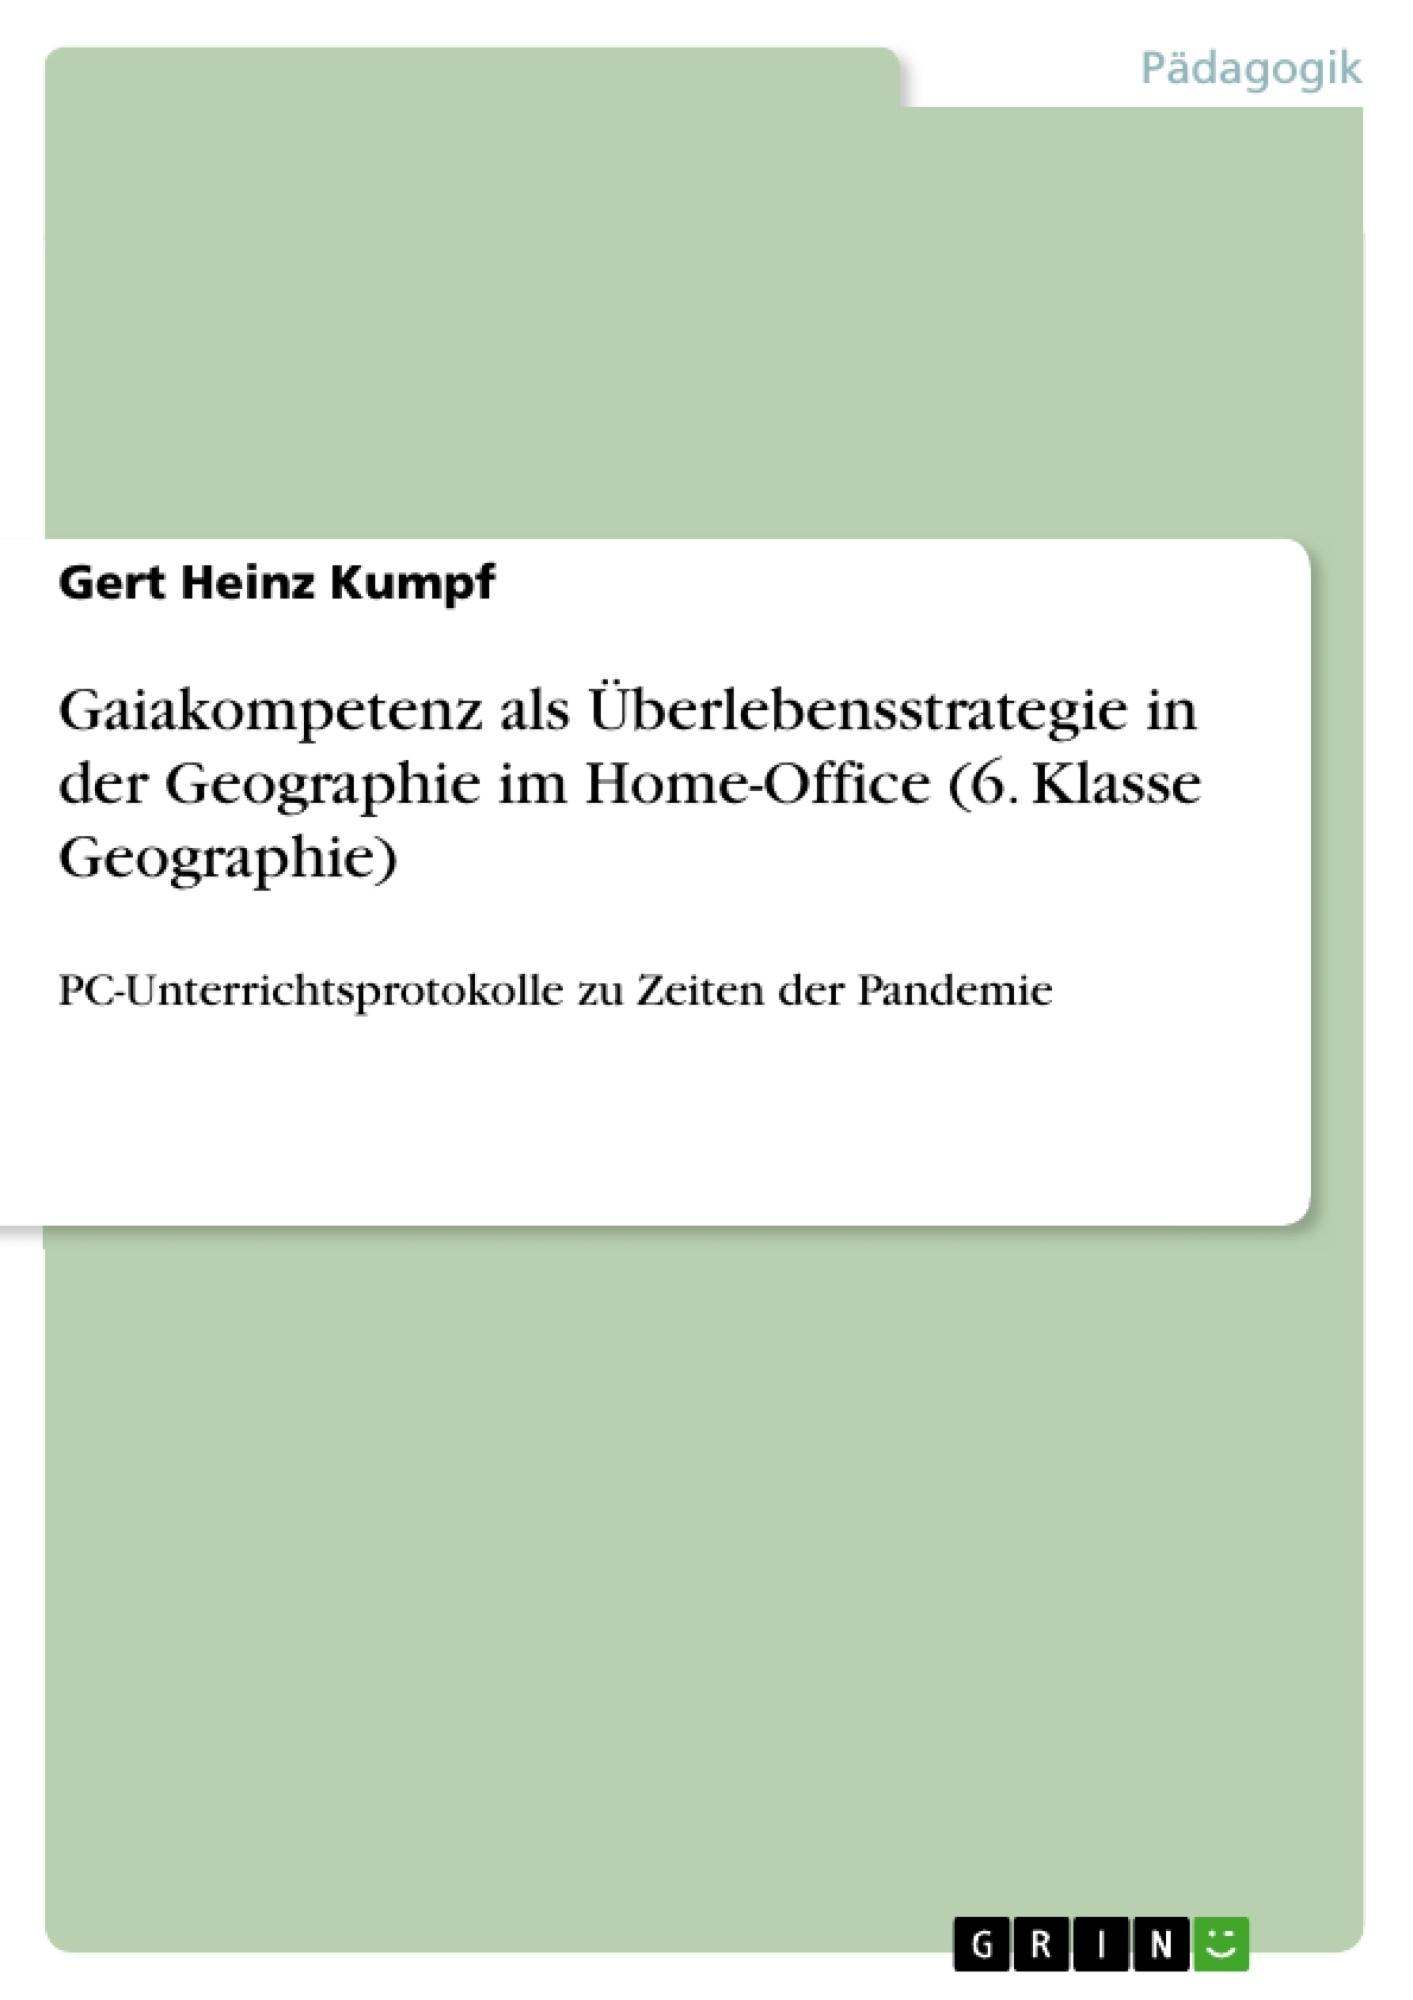 Titel: Gaiakompetenz als Überlebensstrategie in der Geographie im Home-Office (6. Klasse Geographie)